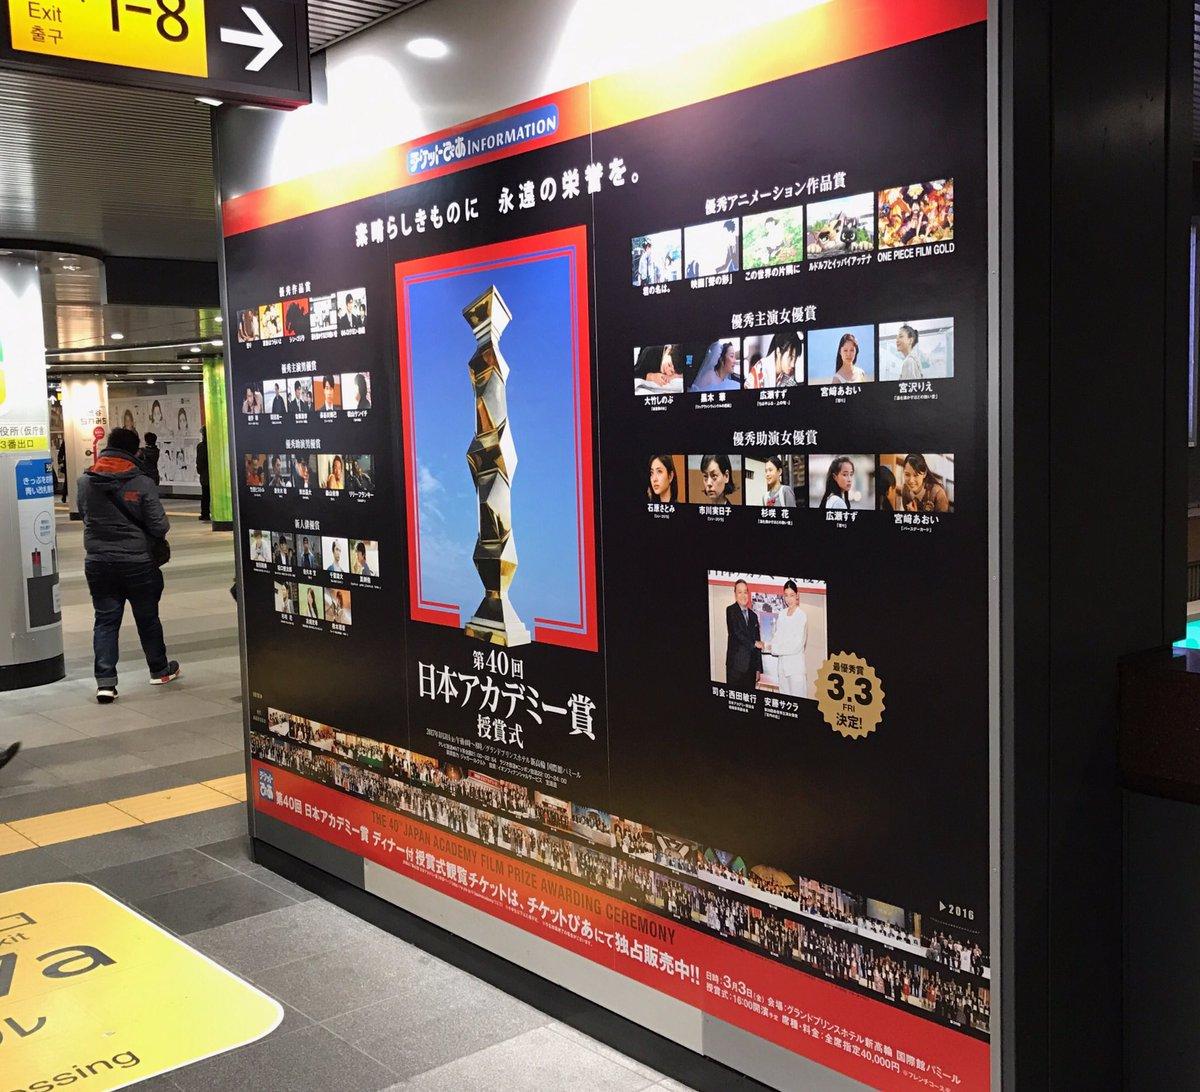 昨日から渋谷駅、東急田園都市線・メトロ半蔵門線の改札前にポスター掲出してます。第40回の節目にあたり…